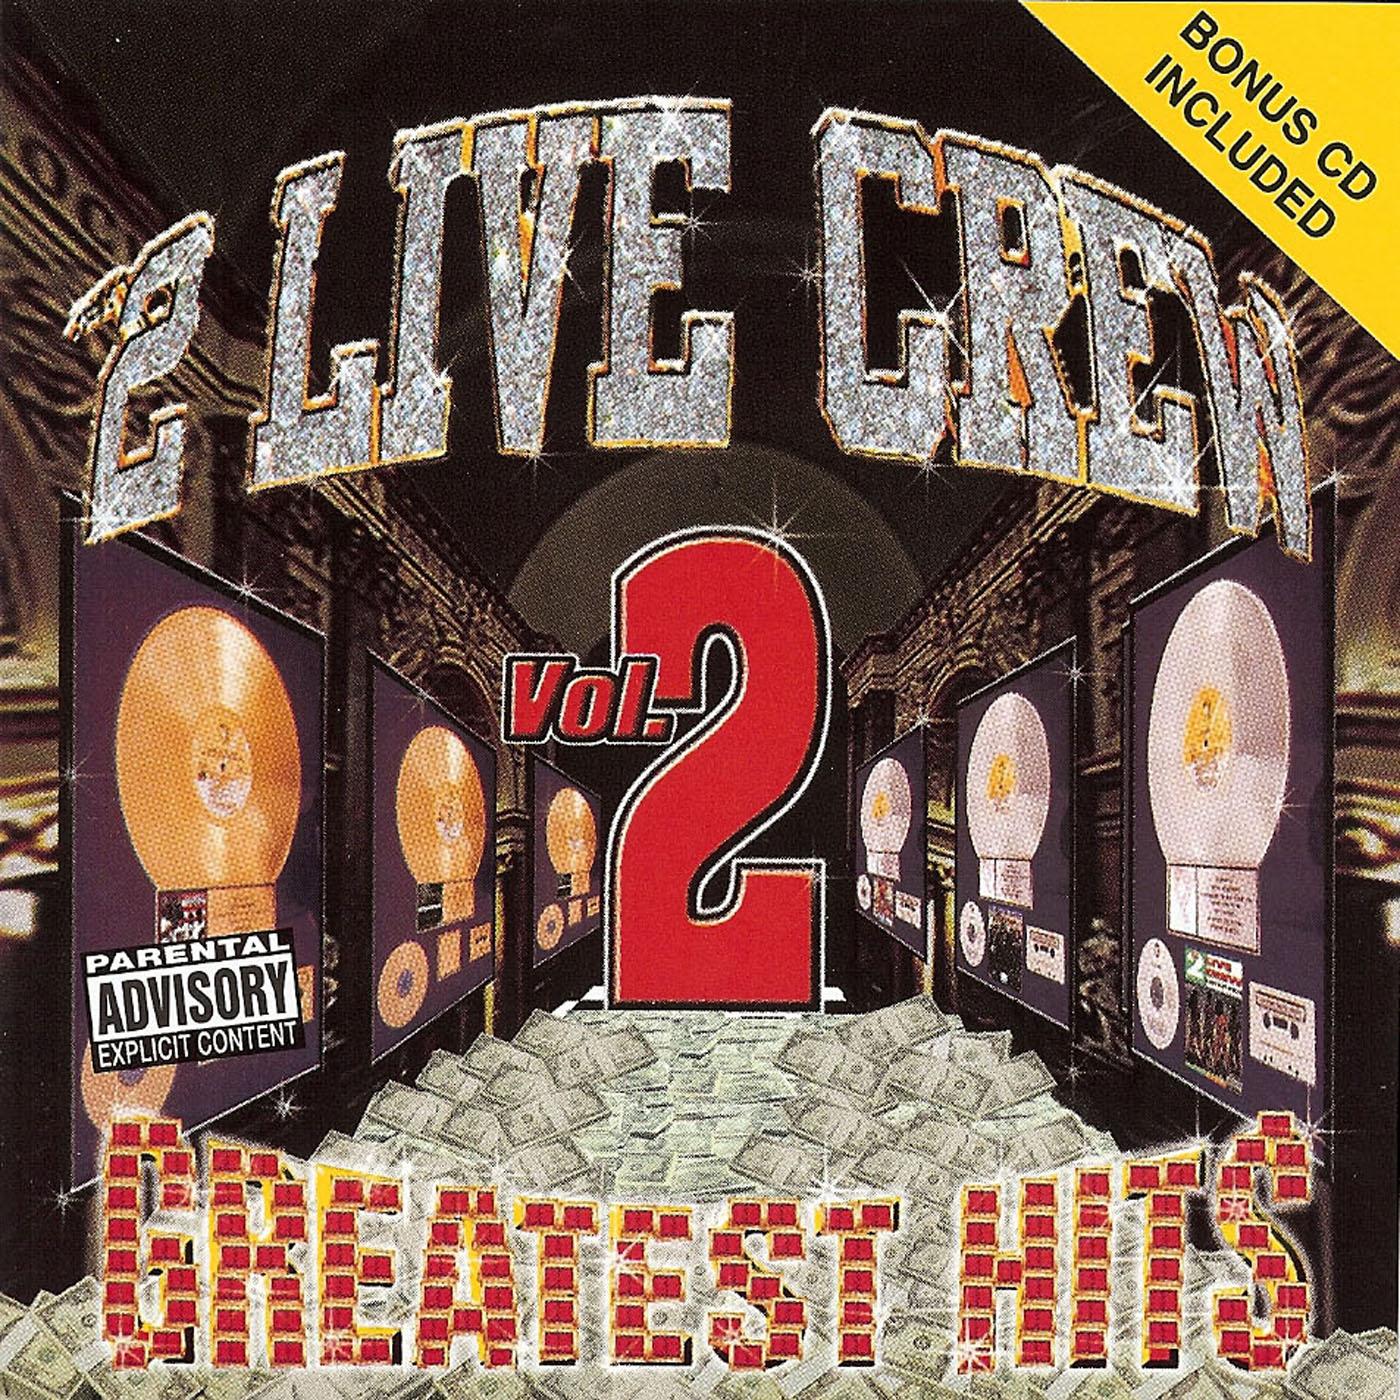 2 Live Crew Greatest Hits Vol 2nÇó explicitnÇó2 Live Crew